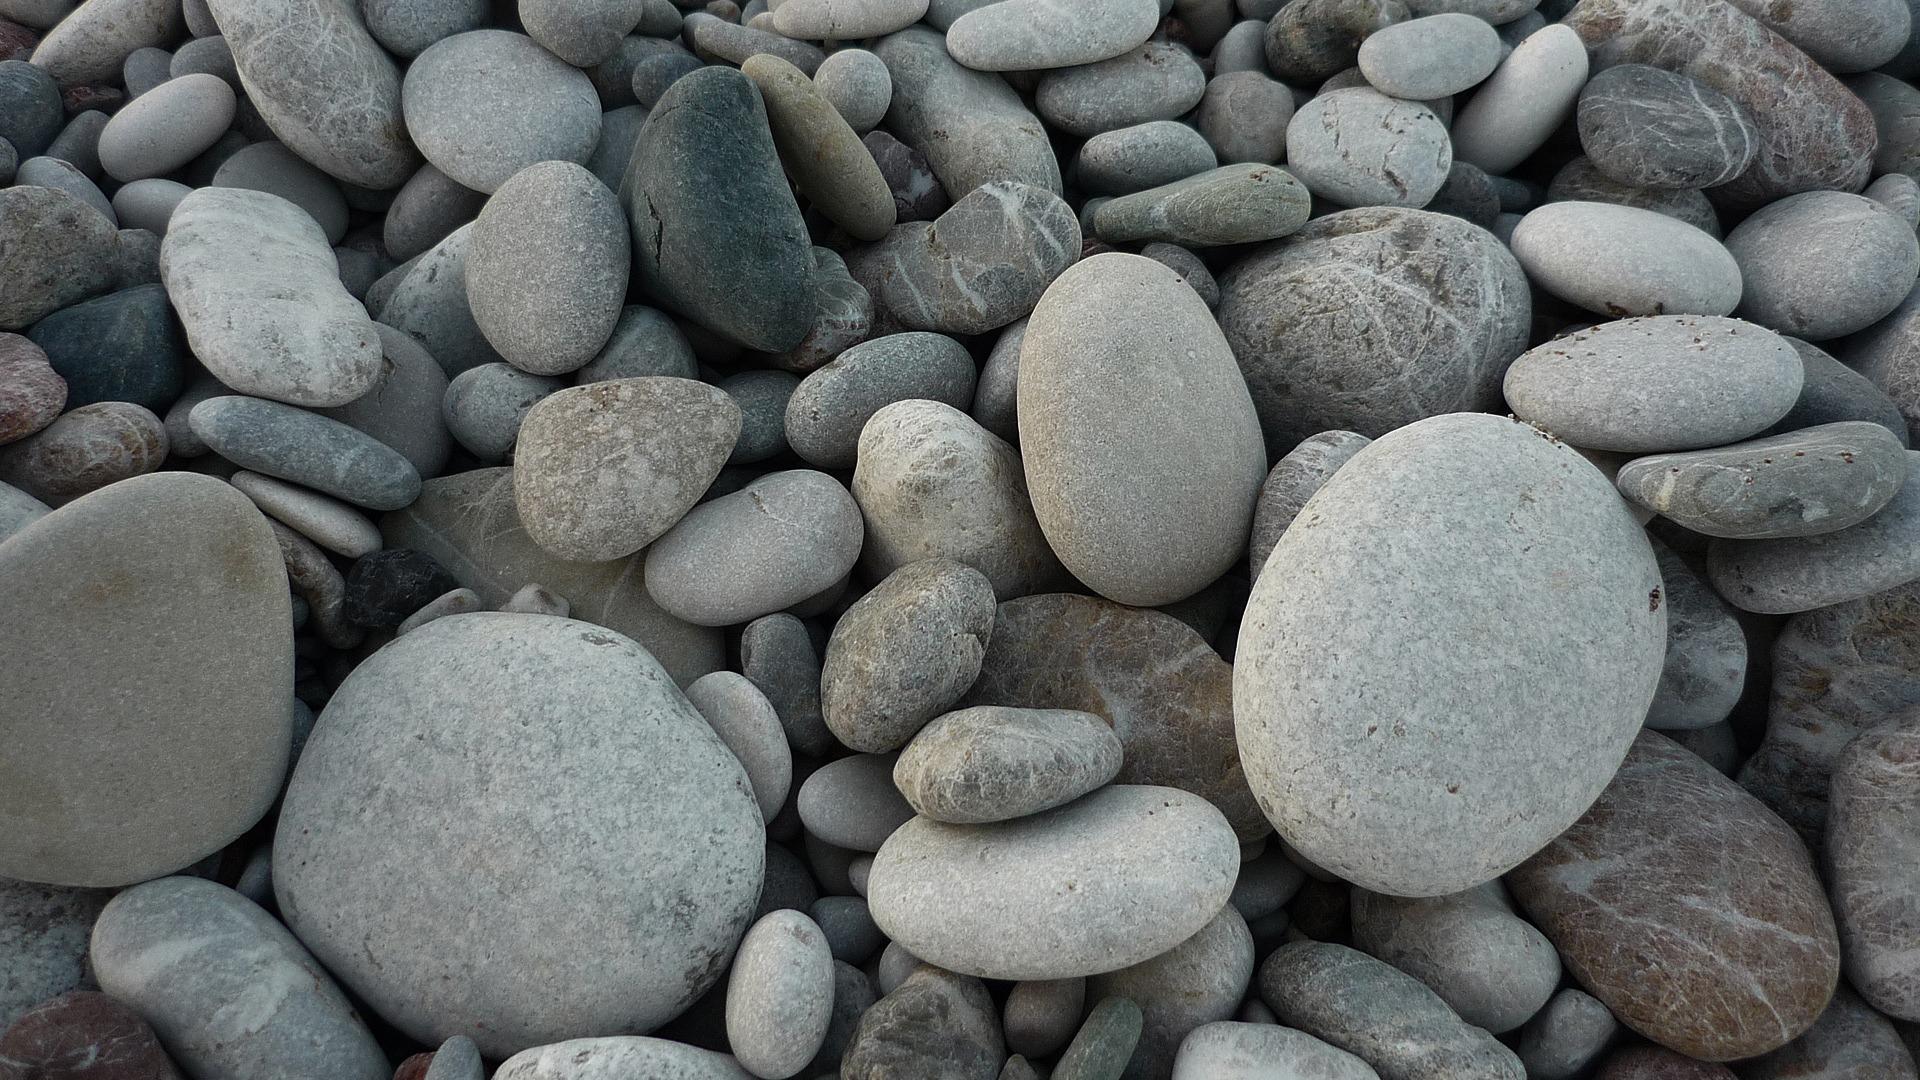 1080p stones wallpaper wide screen wallpaper 1080p 2k 4k - Como hacer el color gris piedra ...